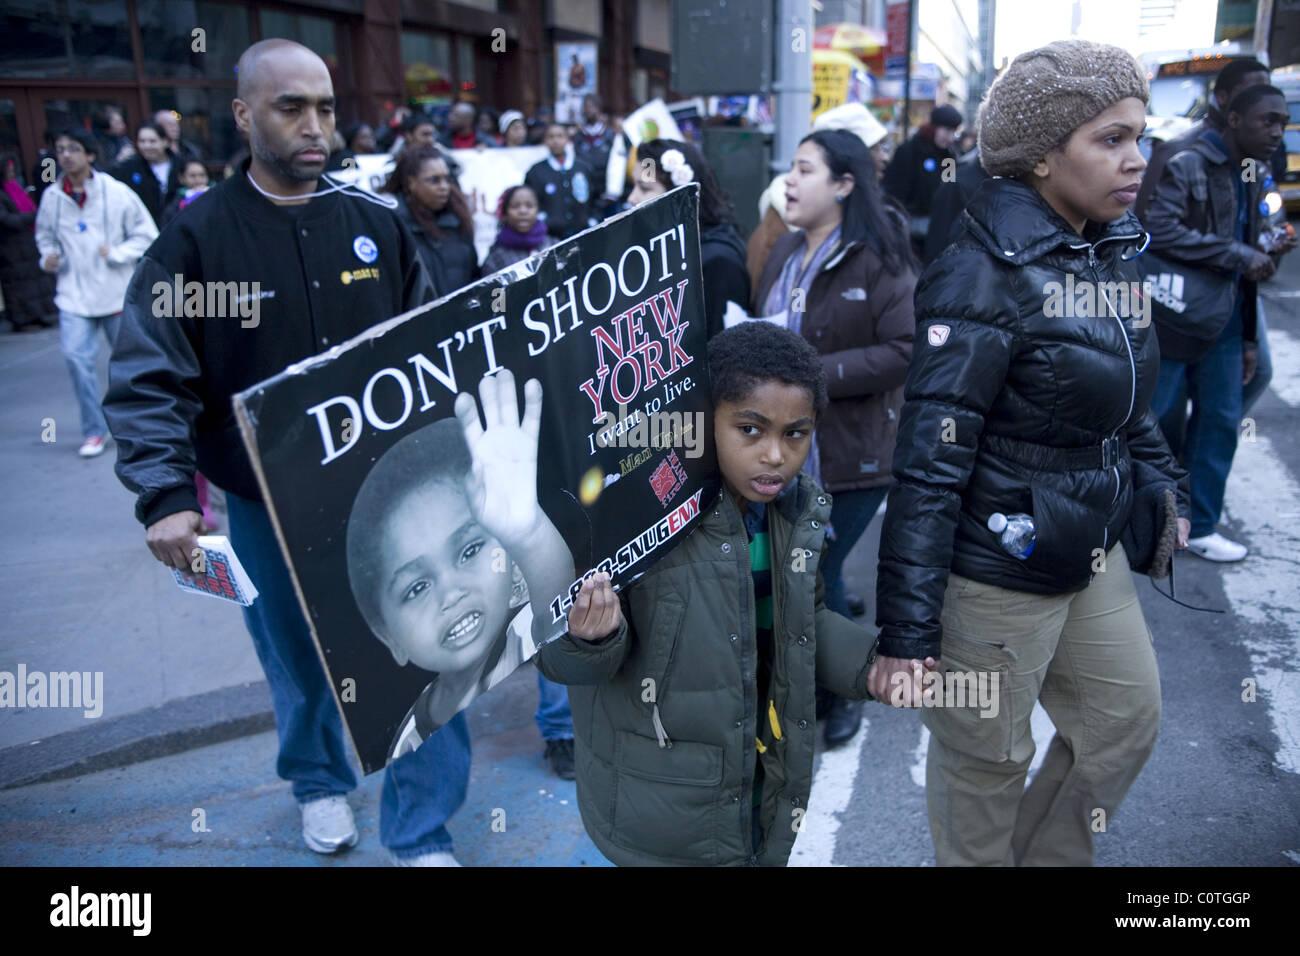 """Il 27 febbraio 2011 """"Non sparare New York' marzo per ottenere armi da fuoco e la violenza al di fuori del Immagini Stock"""